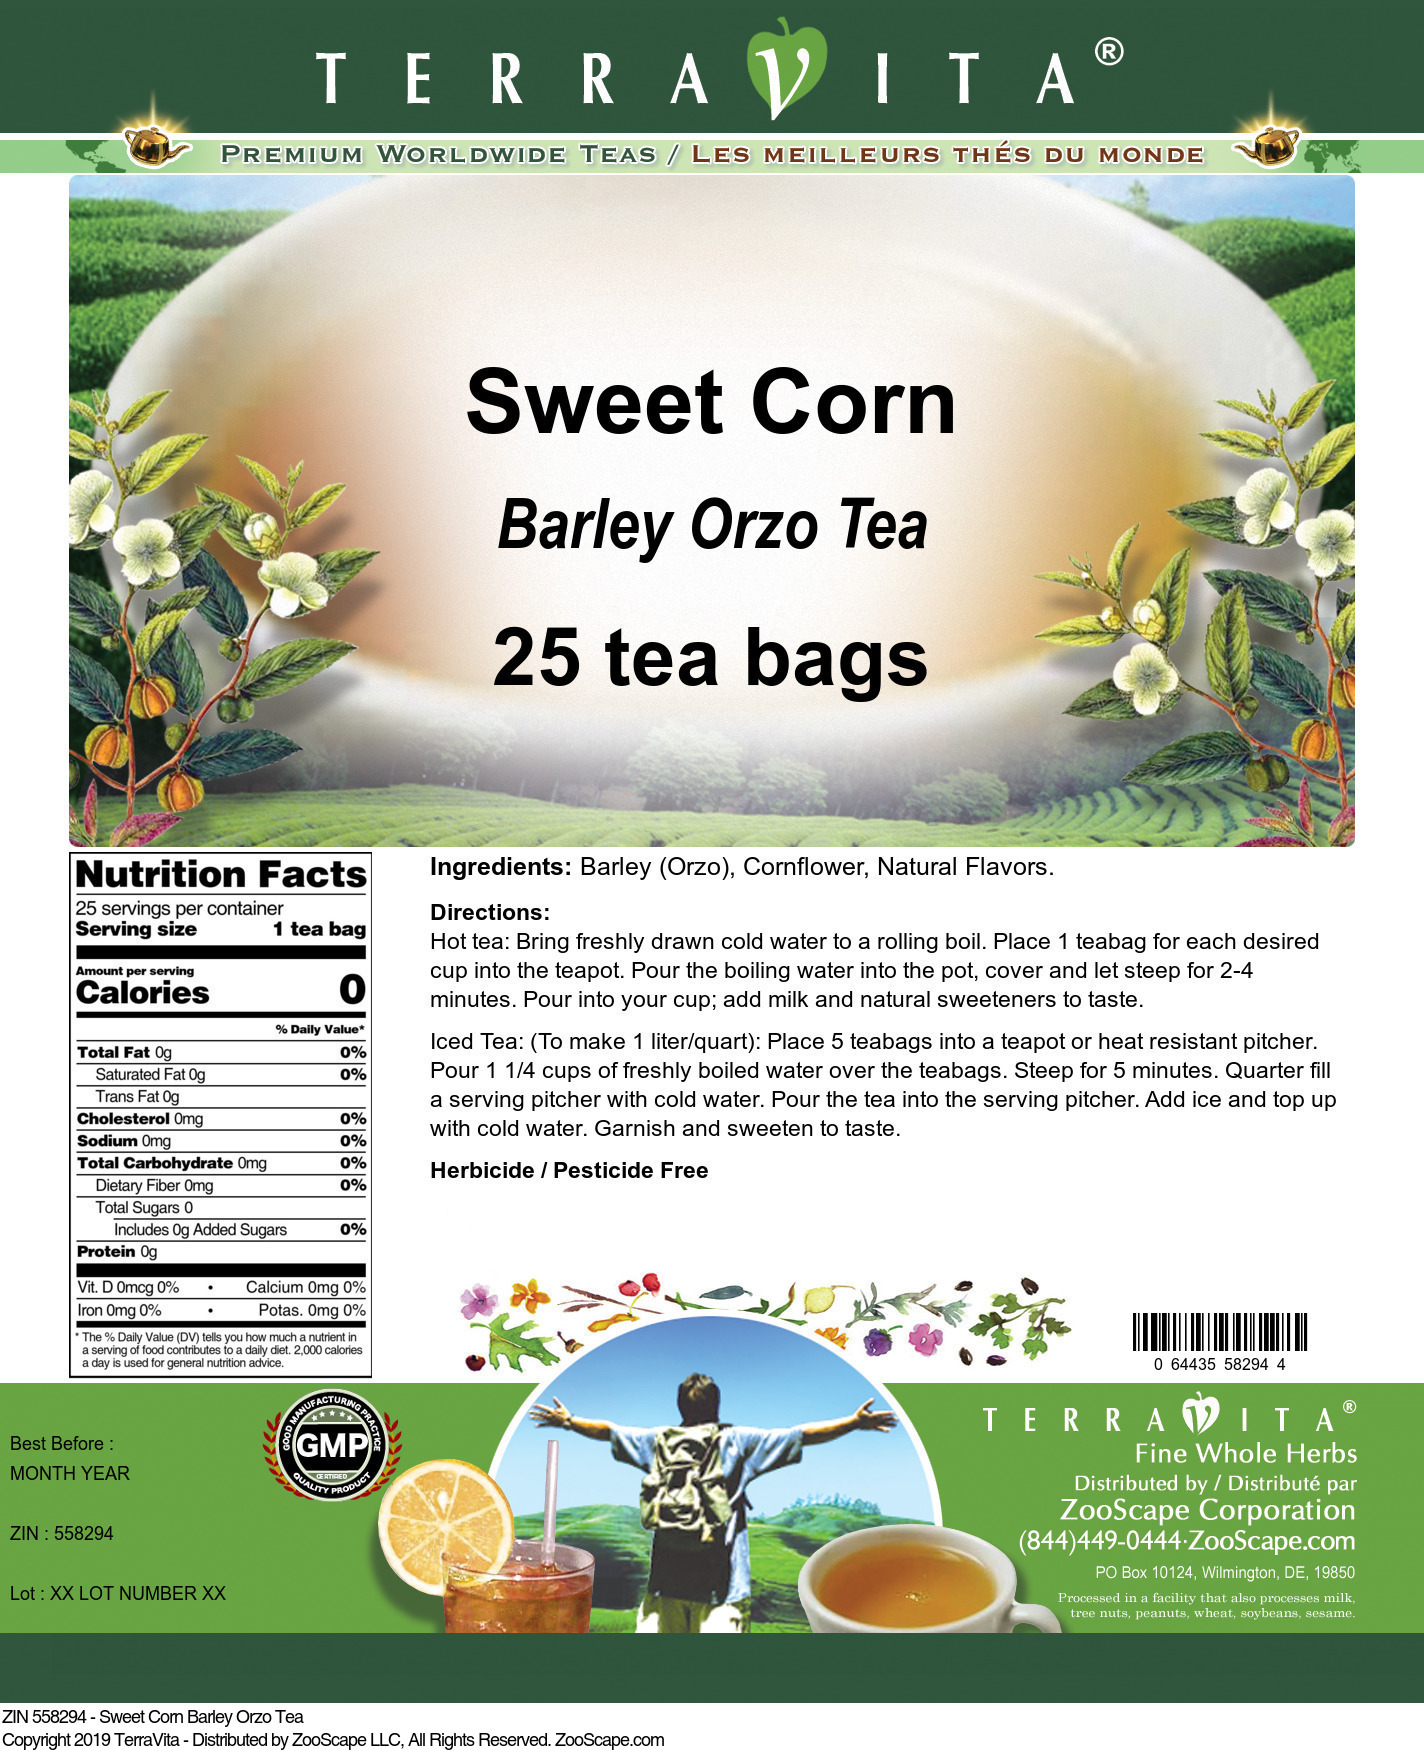 Sweet Corn Barley Orzo Tea